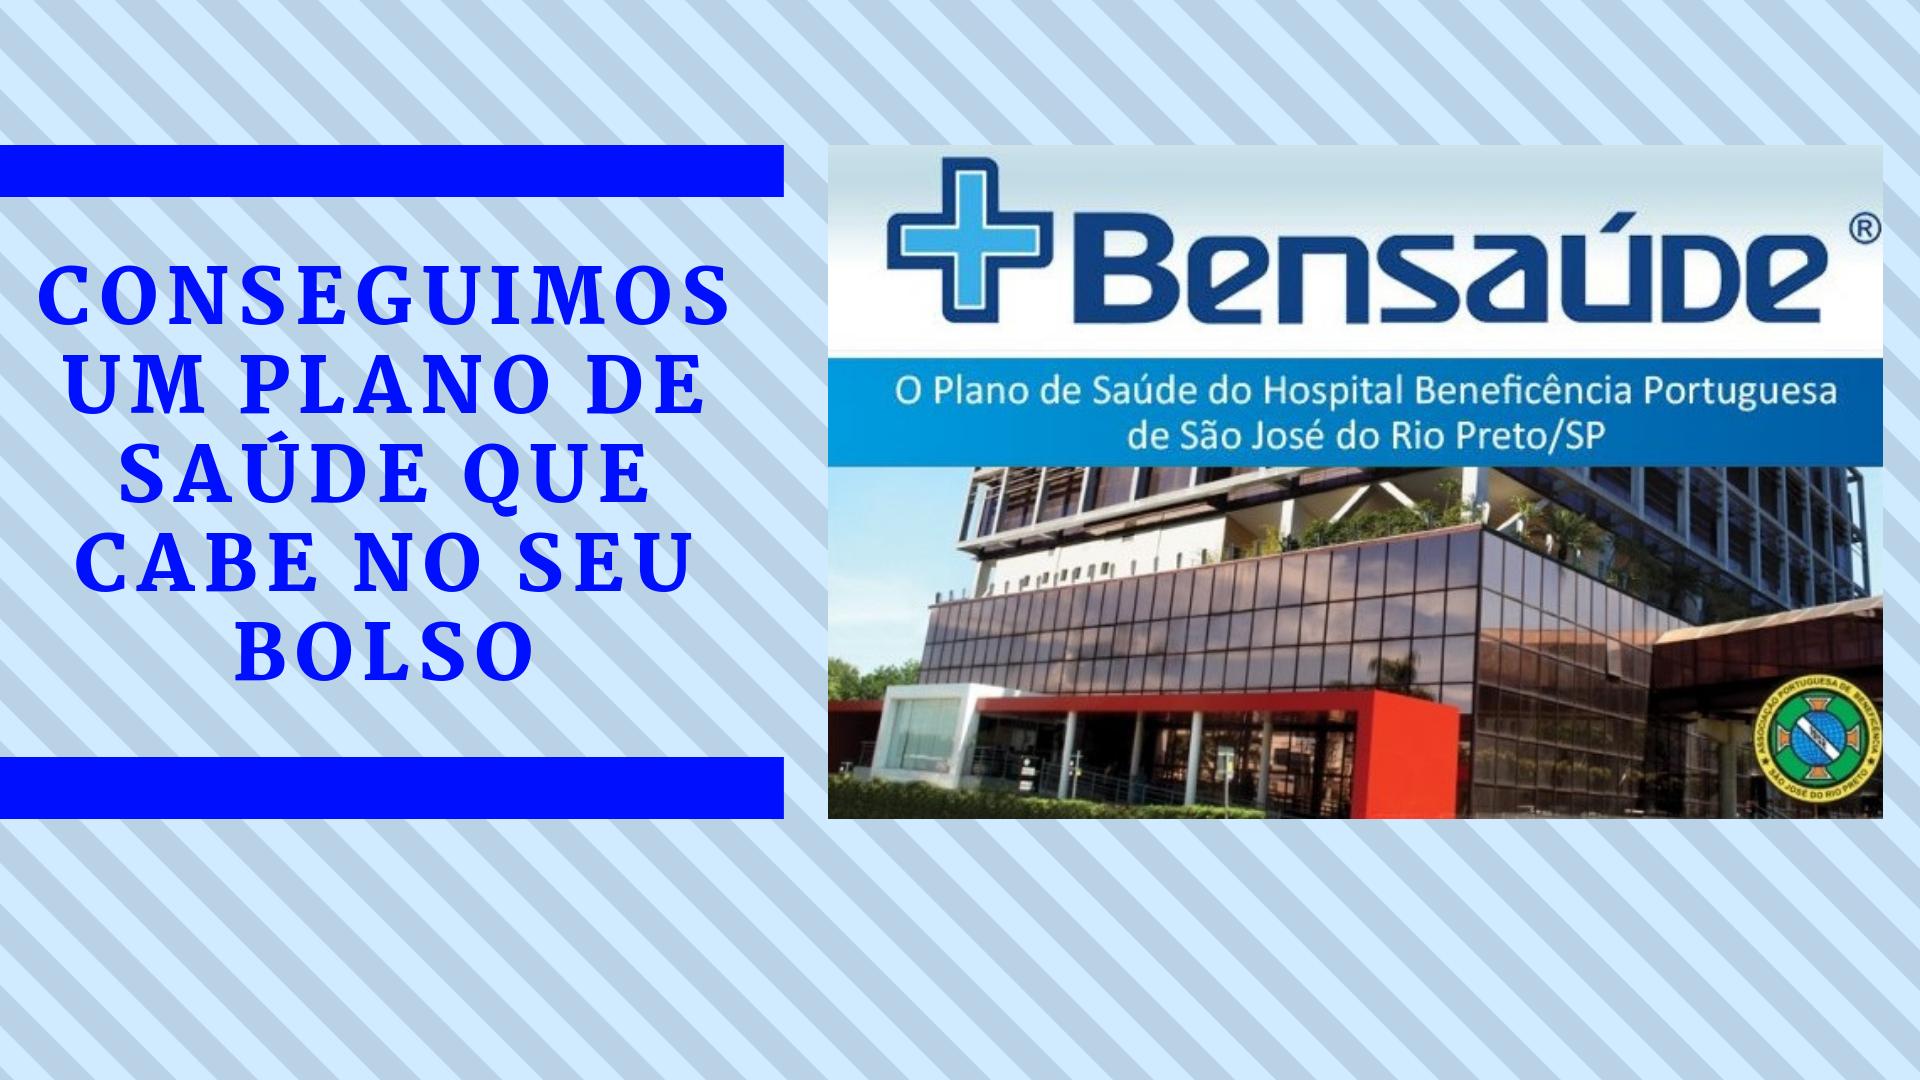 SETH fecha novo contrato com BENSAUDE